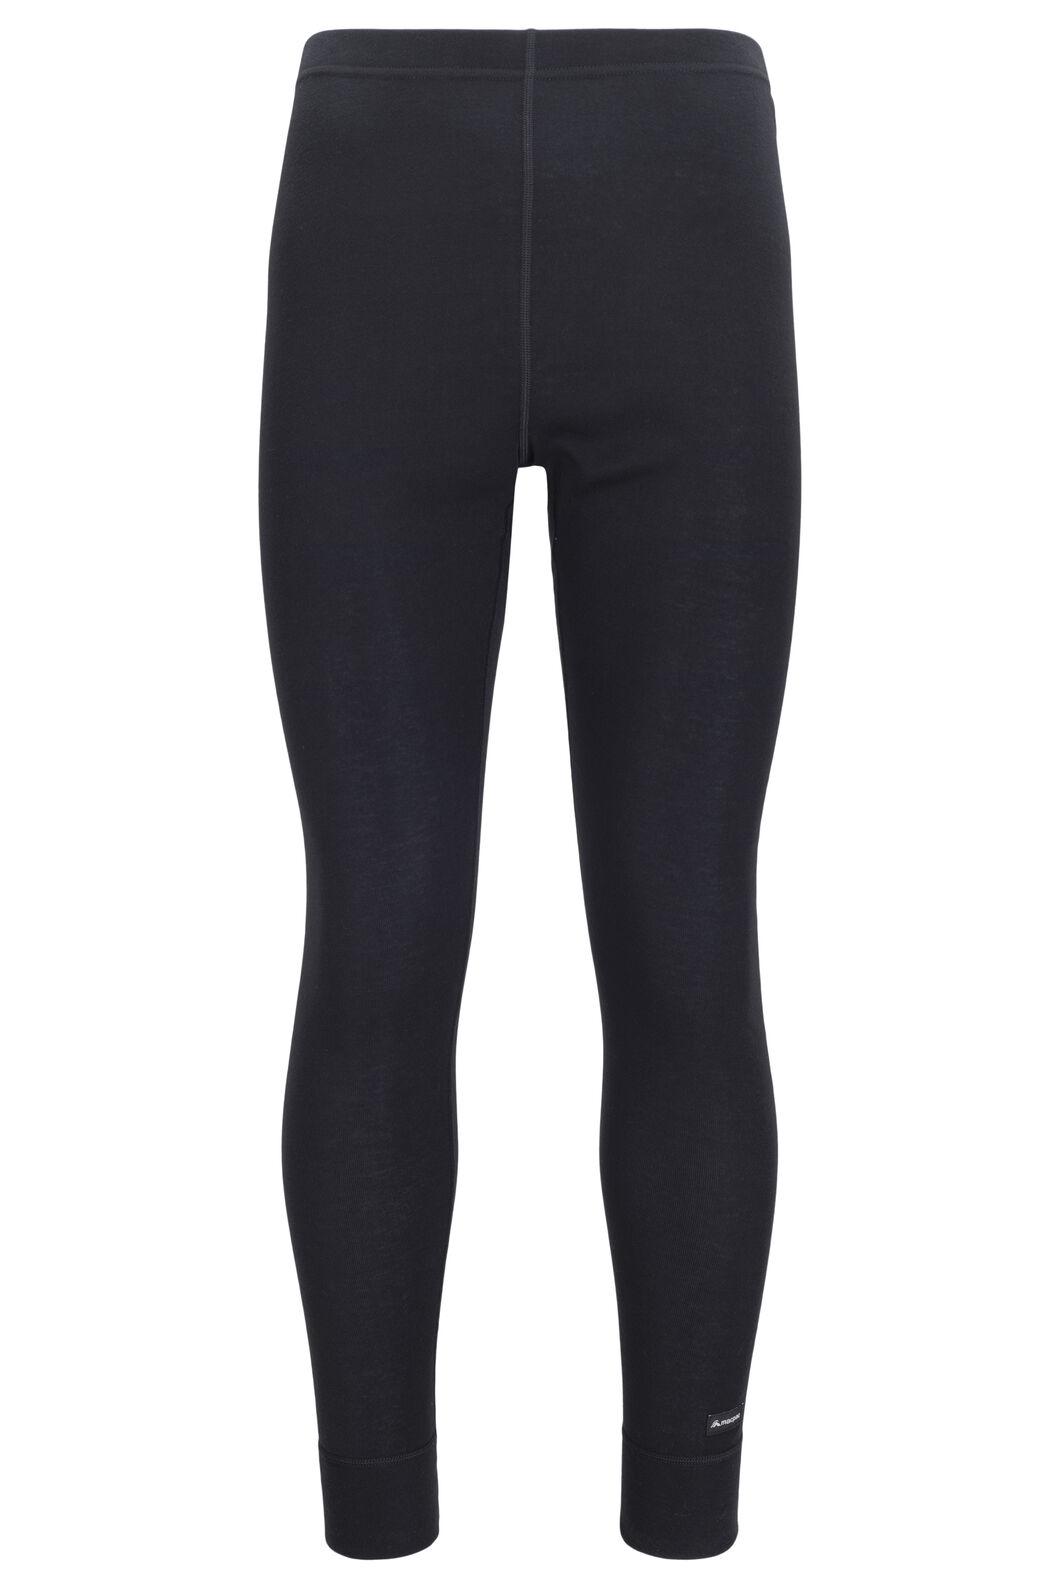 Macpac Men's Geothermal Pants, Black, hi-res